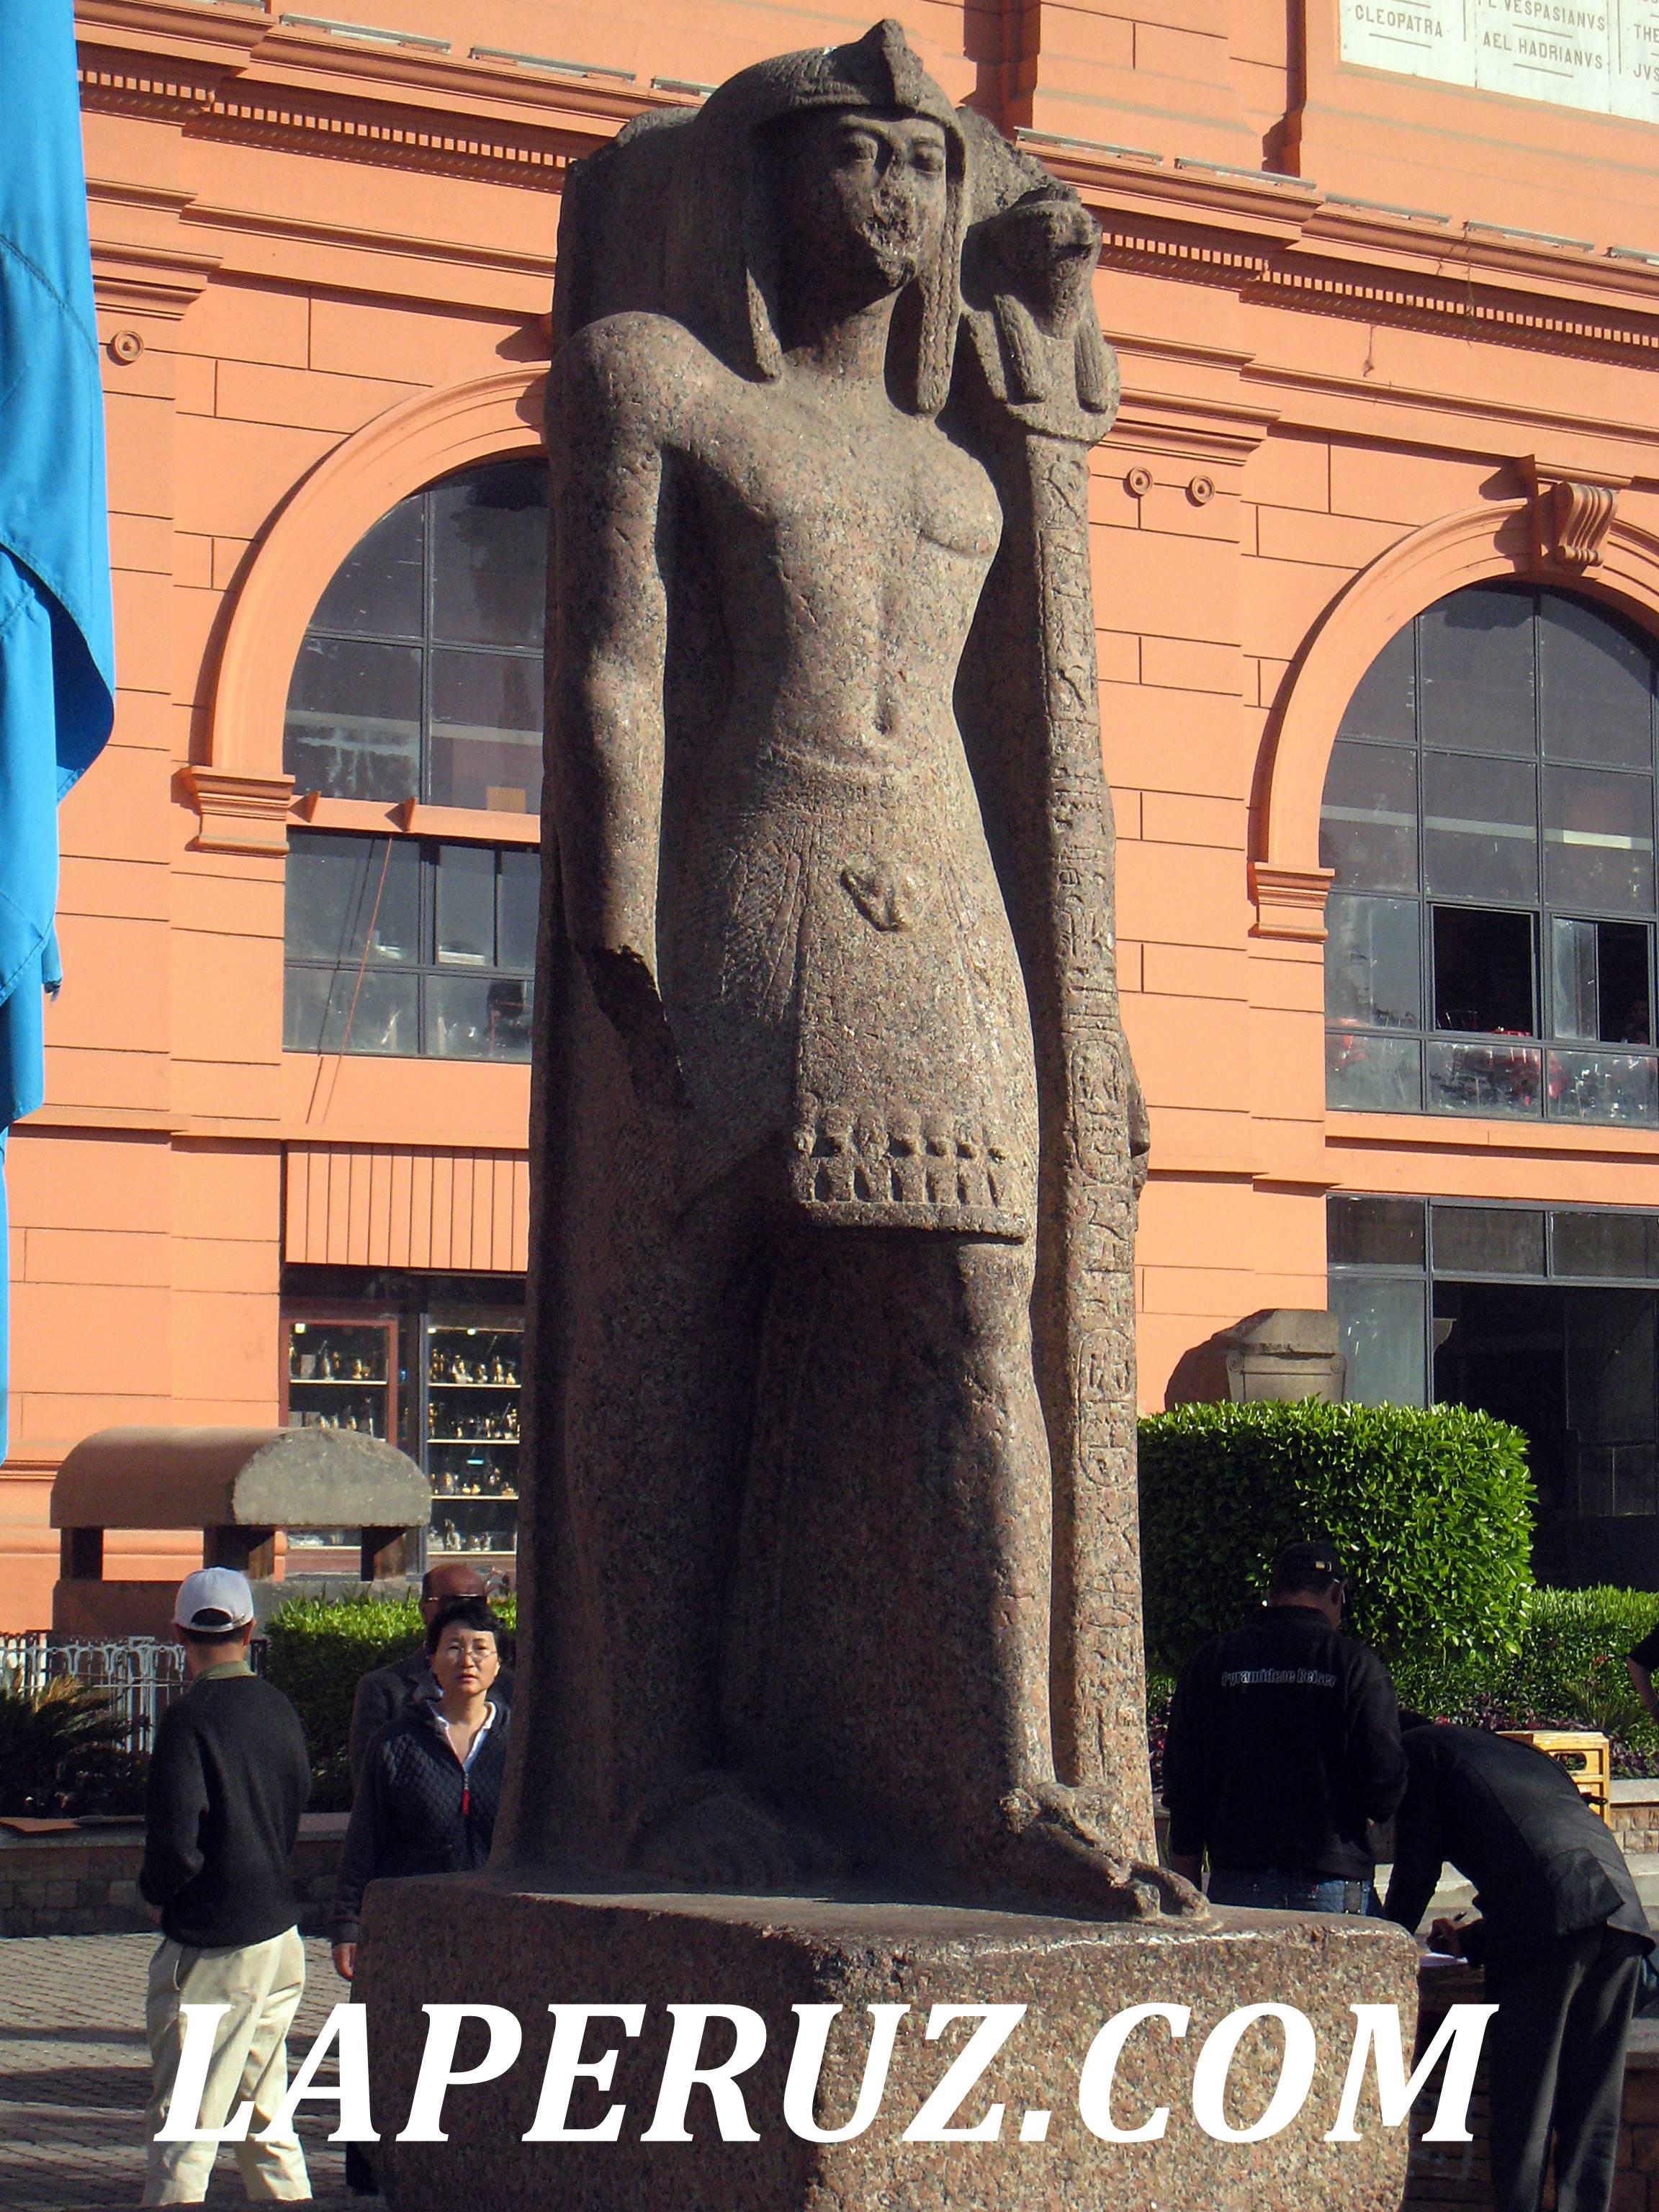 egipetskiy_nacionalnyi_muzei_2